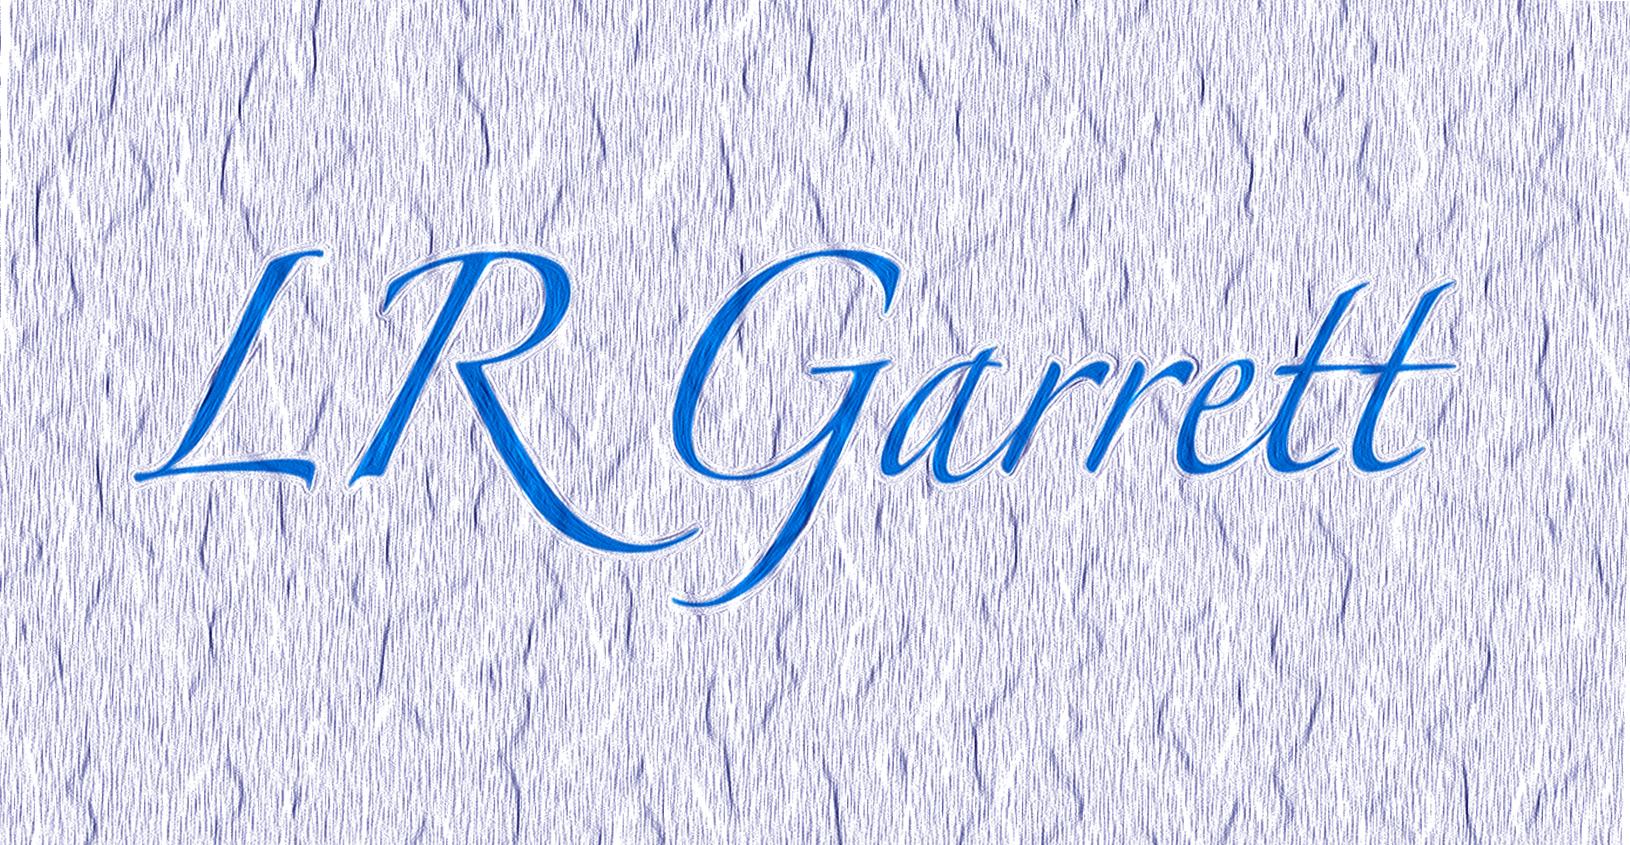 les garrett's Signature